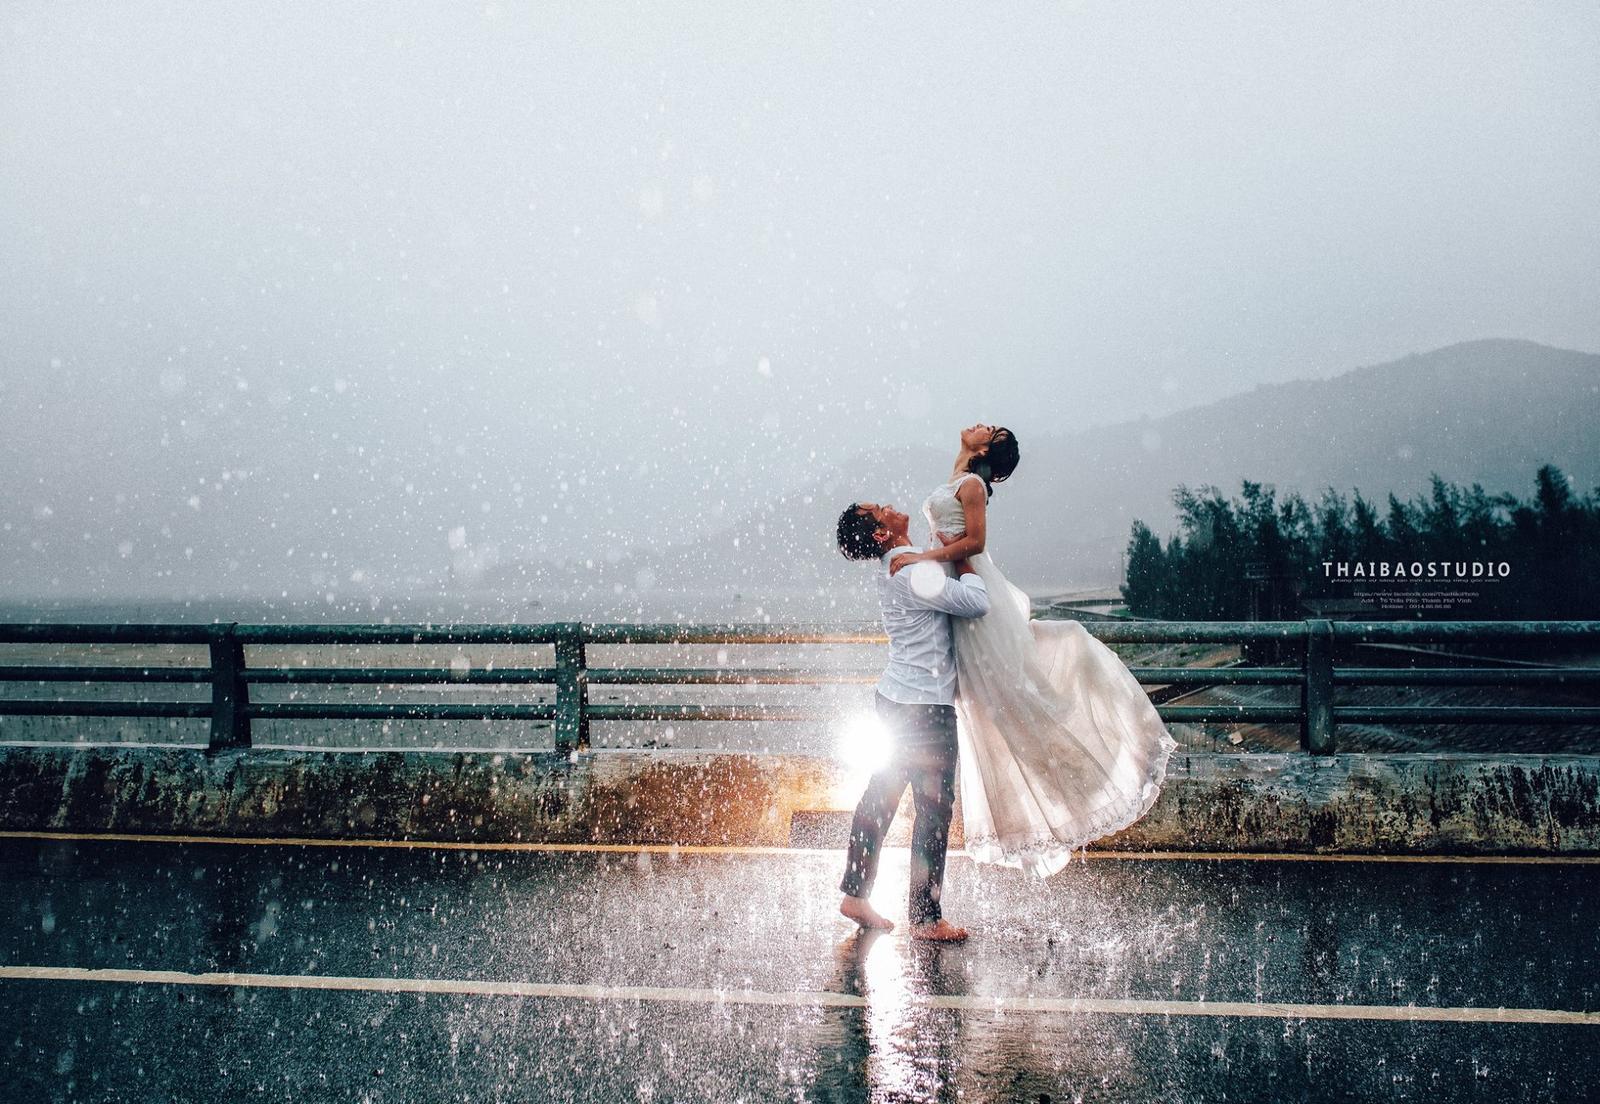 Tomu vravím krásne svadobné fotky, cítiť z nich radosť aj napriek dažďu. Úplne nádherné! :) - Obrázok č. 1